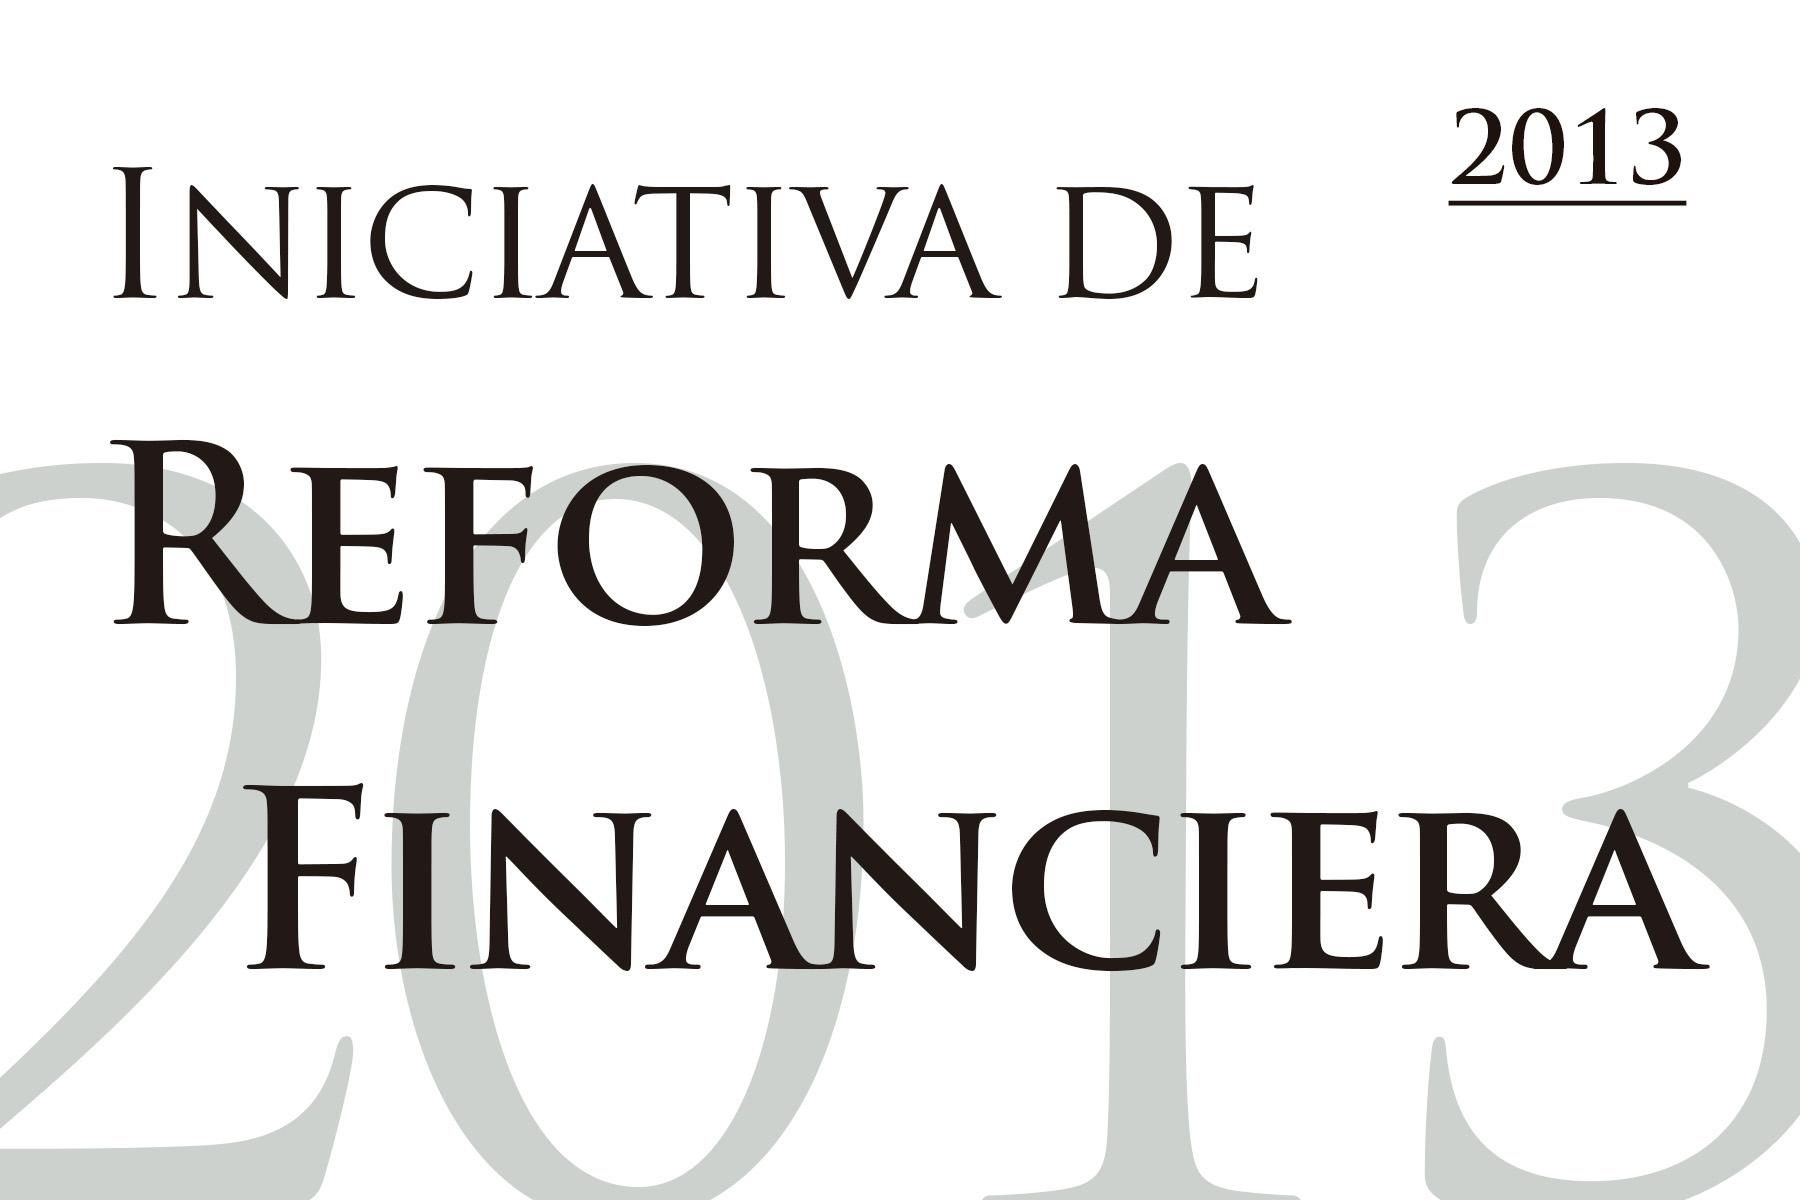 08 de mayo. El Ejecutivo Federal presenta la iniciativa de Reforma Financiera que de ser aprobada por el H. Congreso de la Unión facilitaría los procesos de quiebras bancarias, en salvaguarda de los derechos de los ahorradores; y reforzaría los mecanismos de coordinación y cooperación entre autoridades financieras, considerando a nivel de Ley la existencia del Consejo de Estabilidad del Sistema Financiero como órgano permanente.